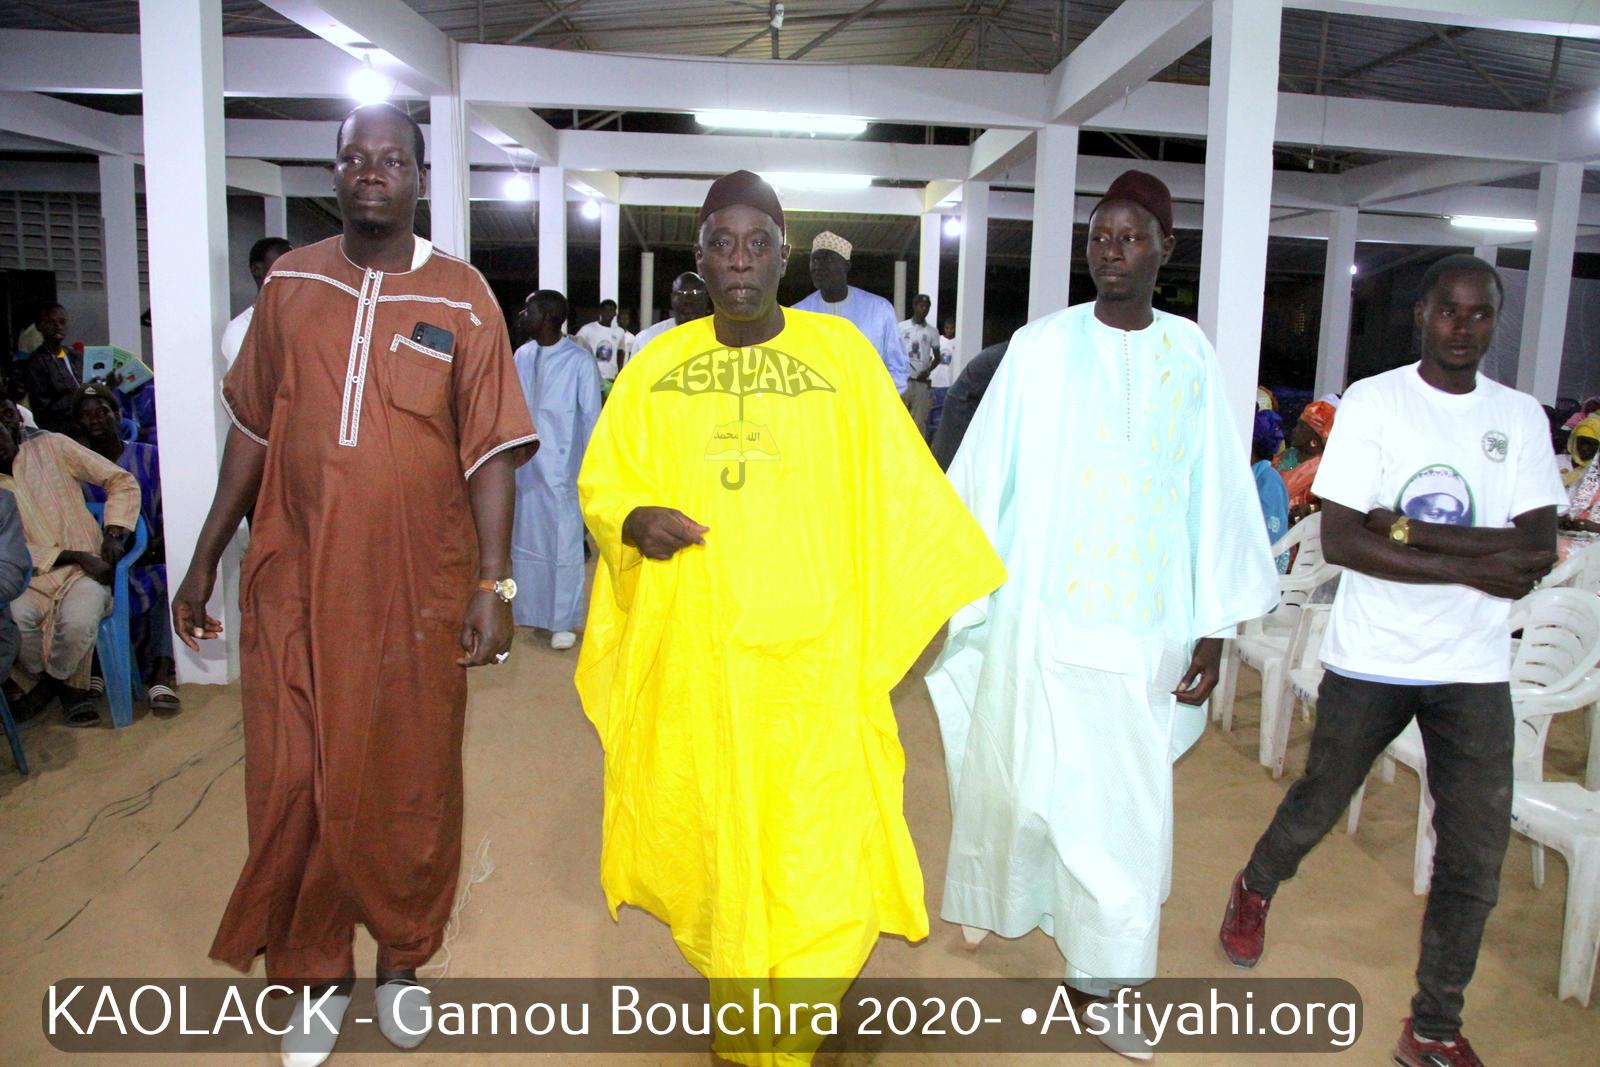 PHOTOS - KAOLACK - Les images du Gamou de Bouchra 2020